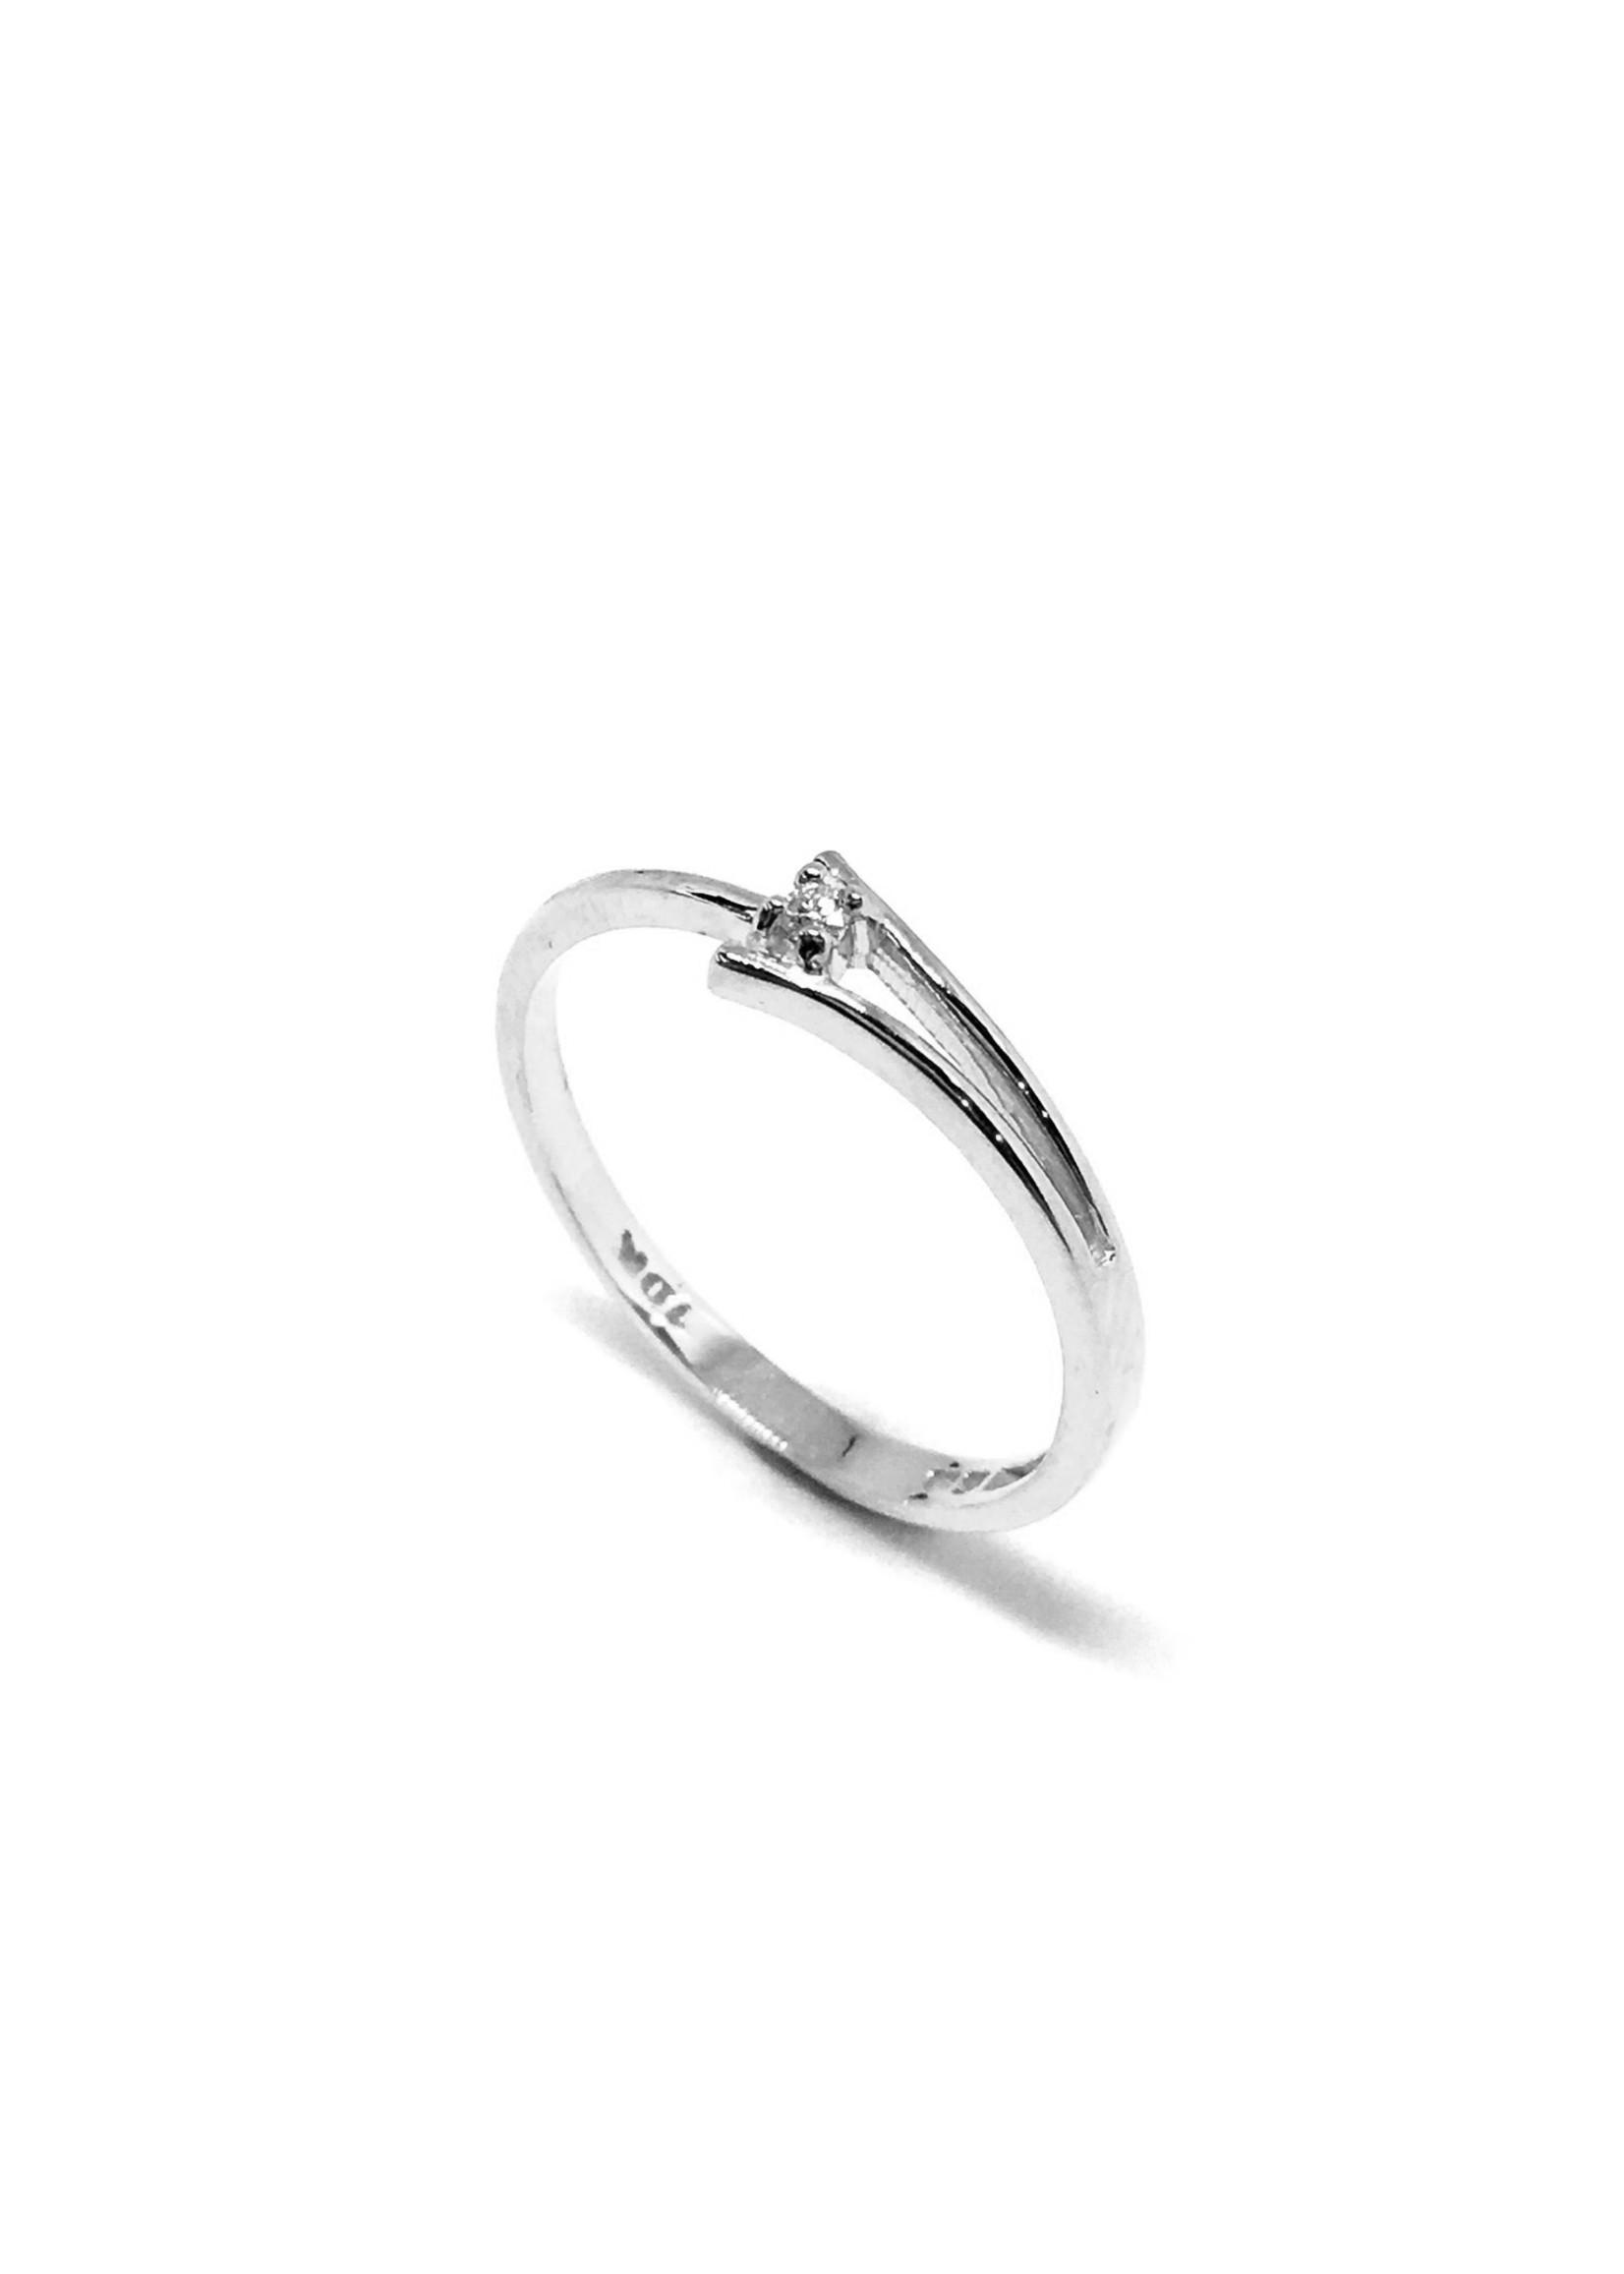 PARÉ Bague minimaliste Or 10K avec diamant